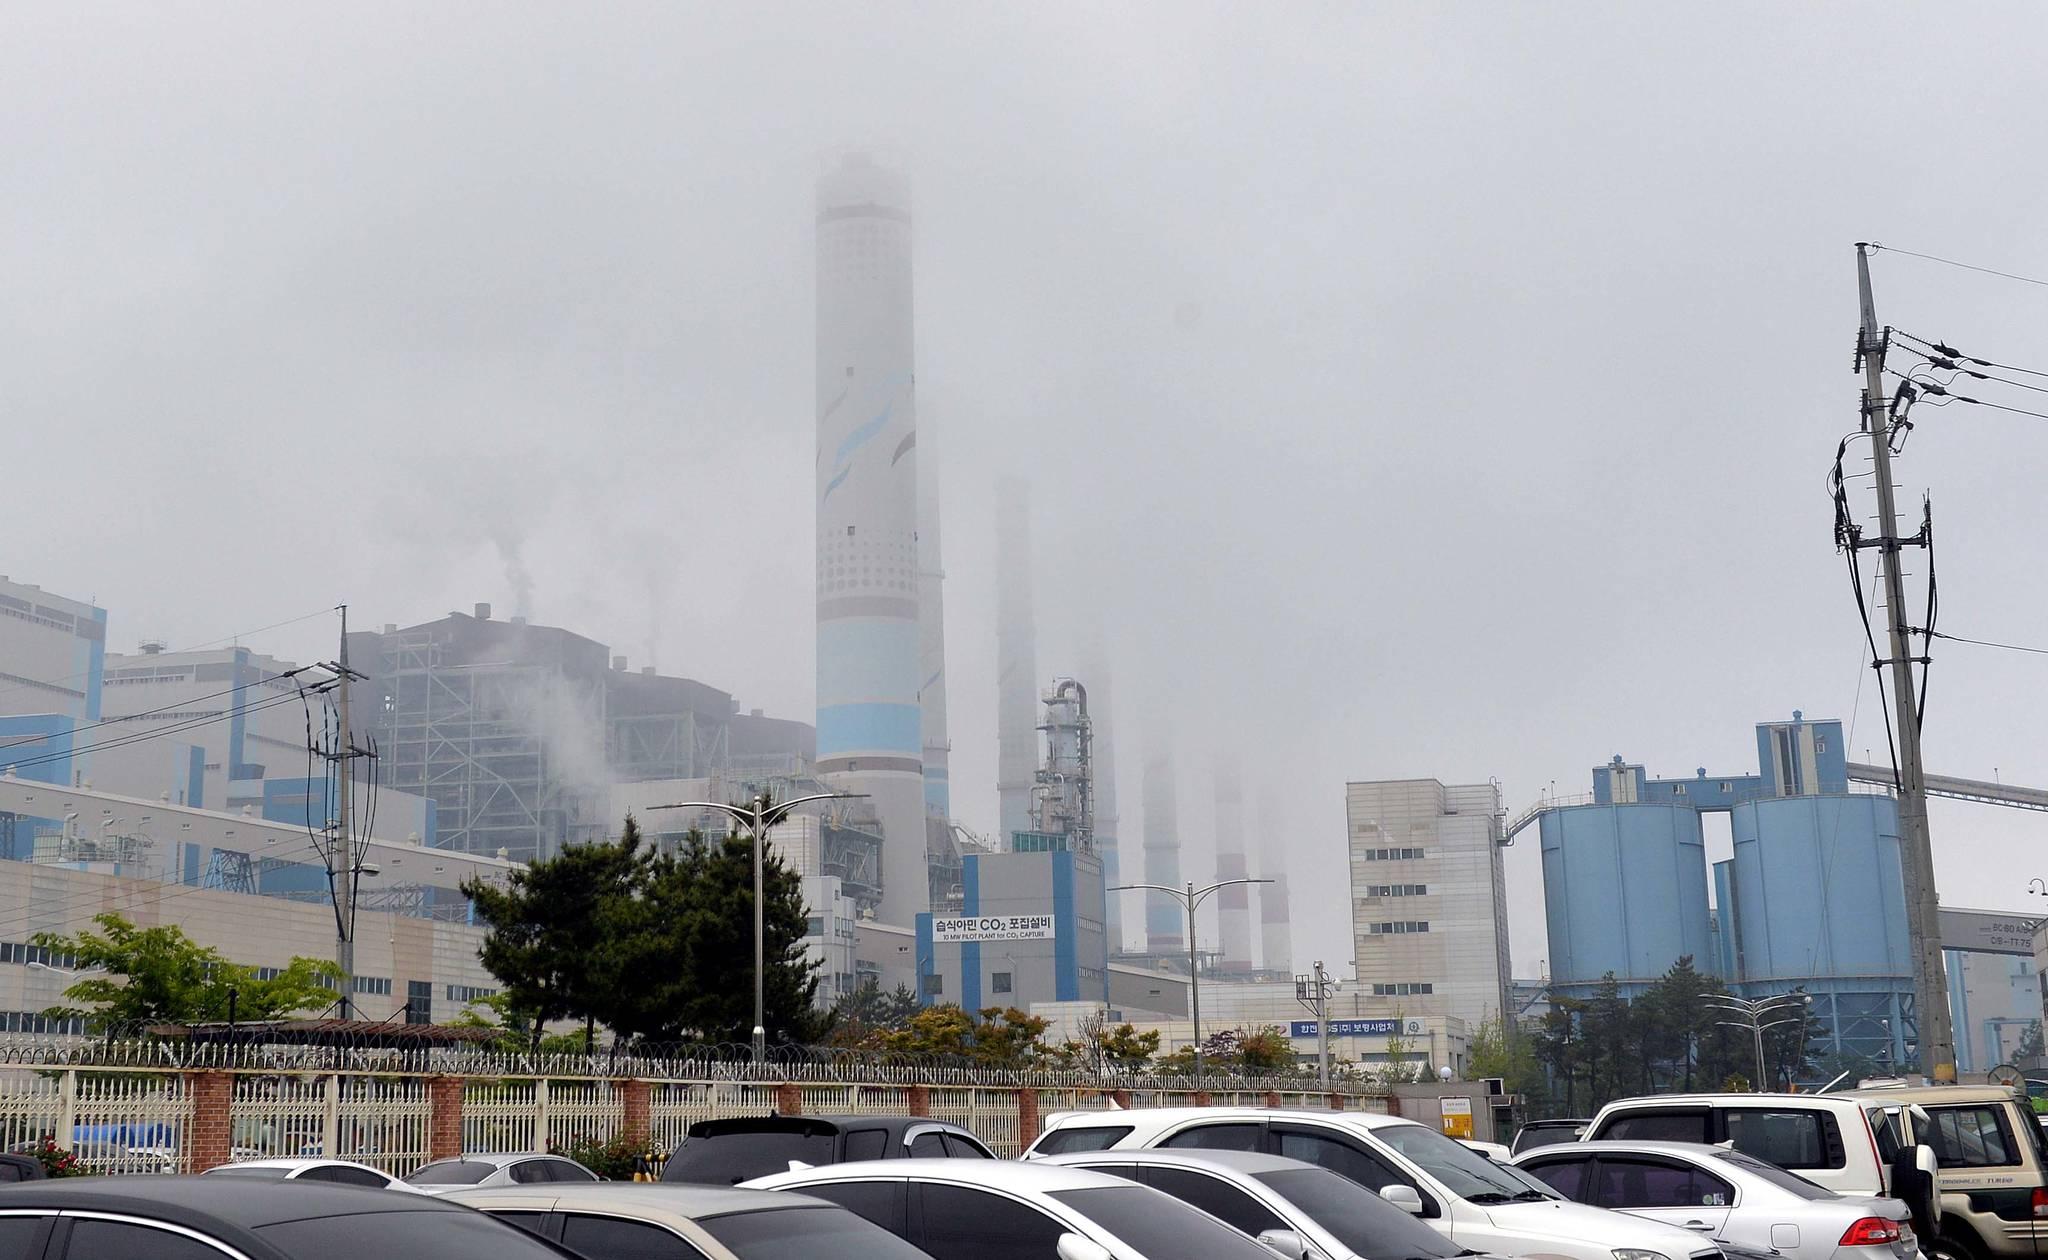 정부가 올 상반기 중에 산업계와 전문가, 시민단체 등의 의견을 수렵해 '2030 온실가스 감축 로드맵'을 수정할 예정이다. 사진은 충남 보령 석탄화력발전소 [중앙포토]